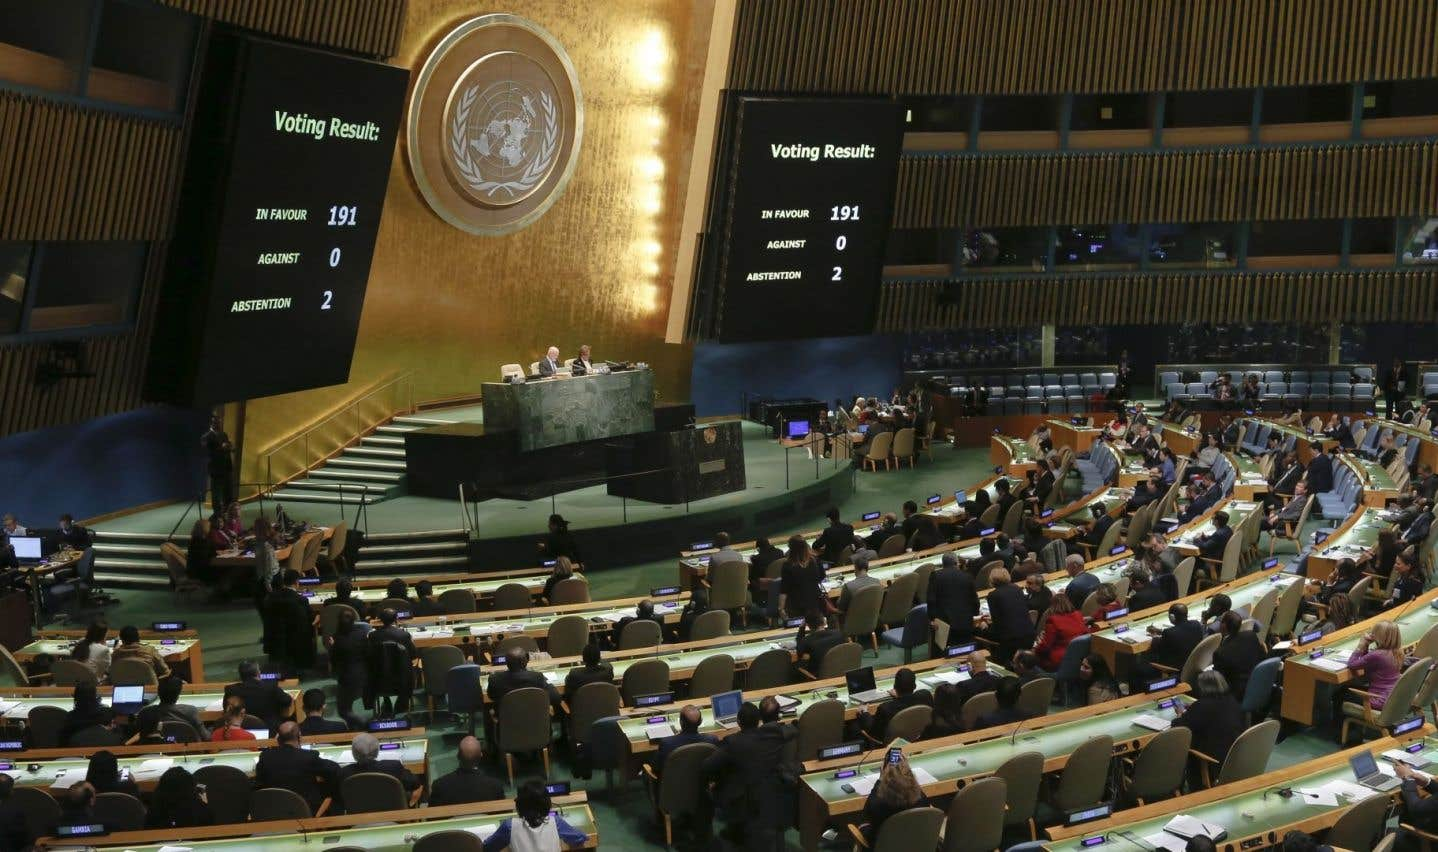 Conseil des droits de l'homme: la candidature russe rejetée